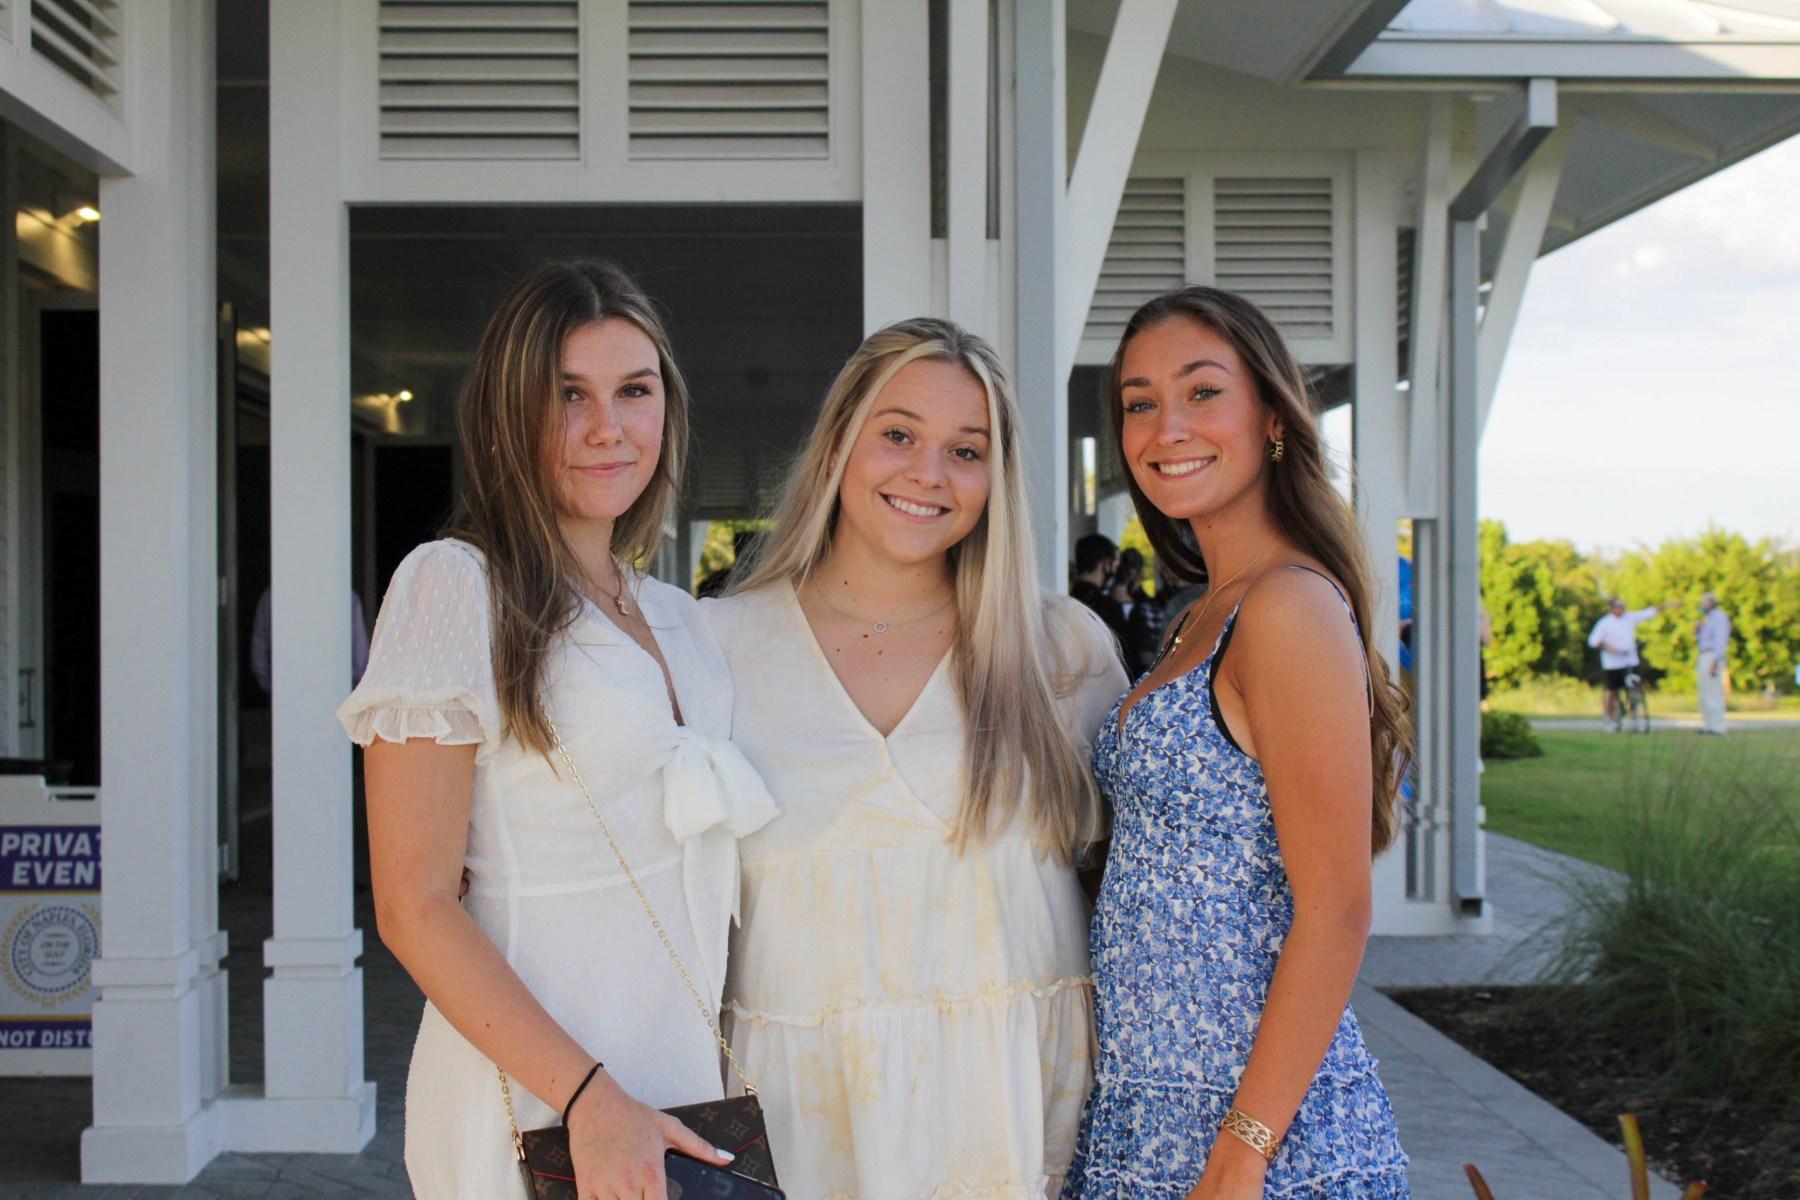 Natalie Norqual, Camryn Little, Lauren Graham